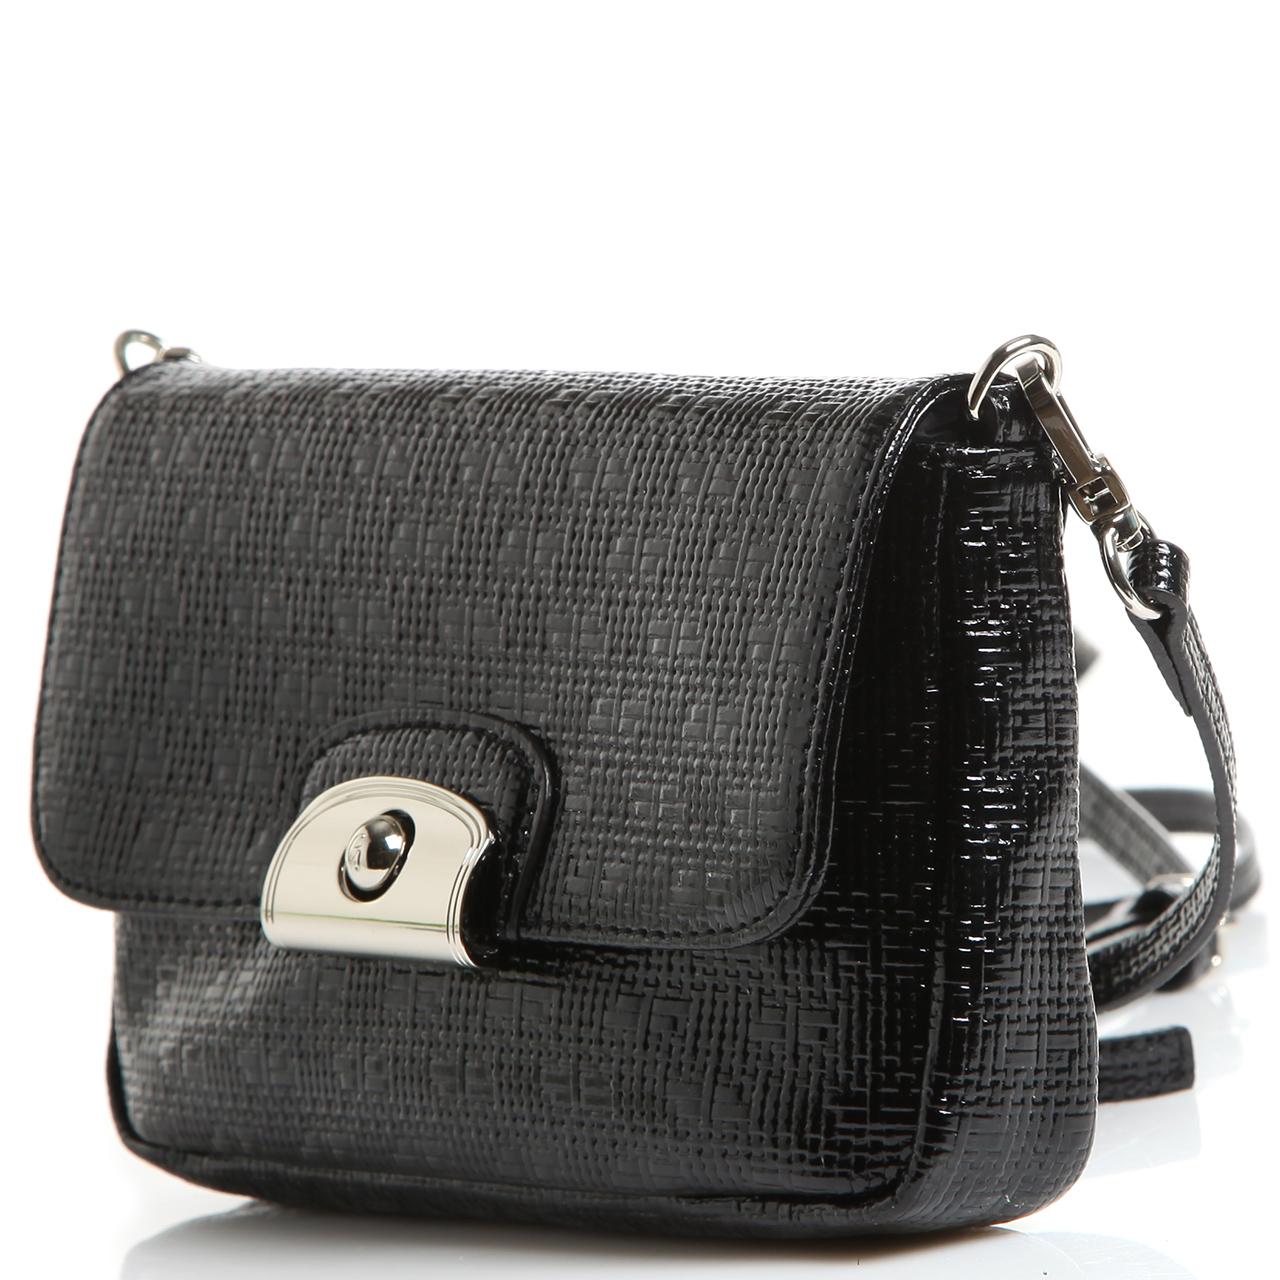 99ec1caebe46 Маленькие сумки купить в интернет-магазине Домани (Domani)